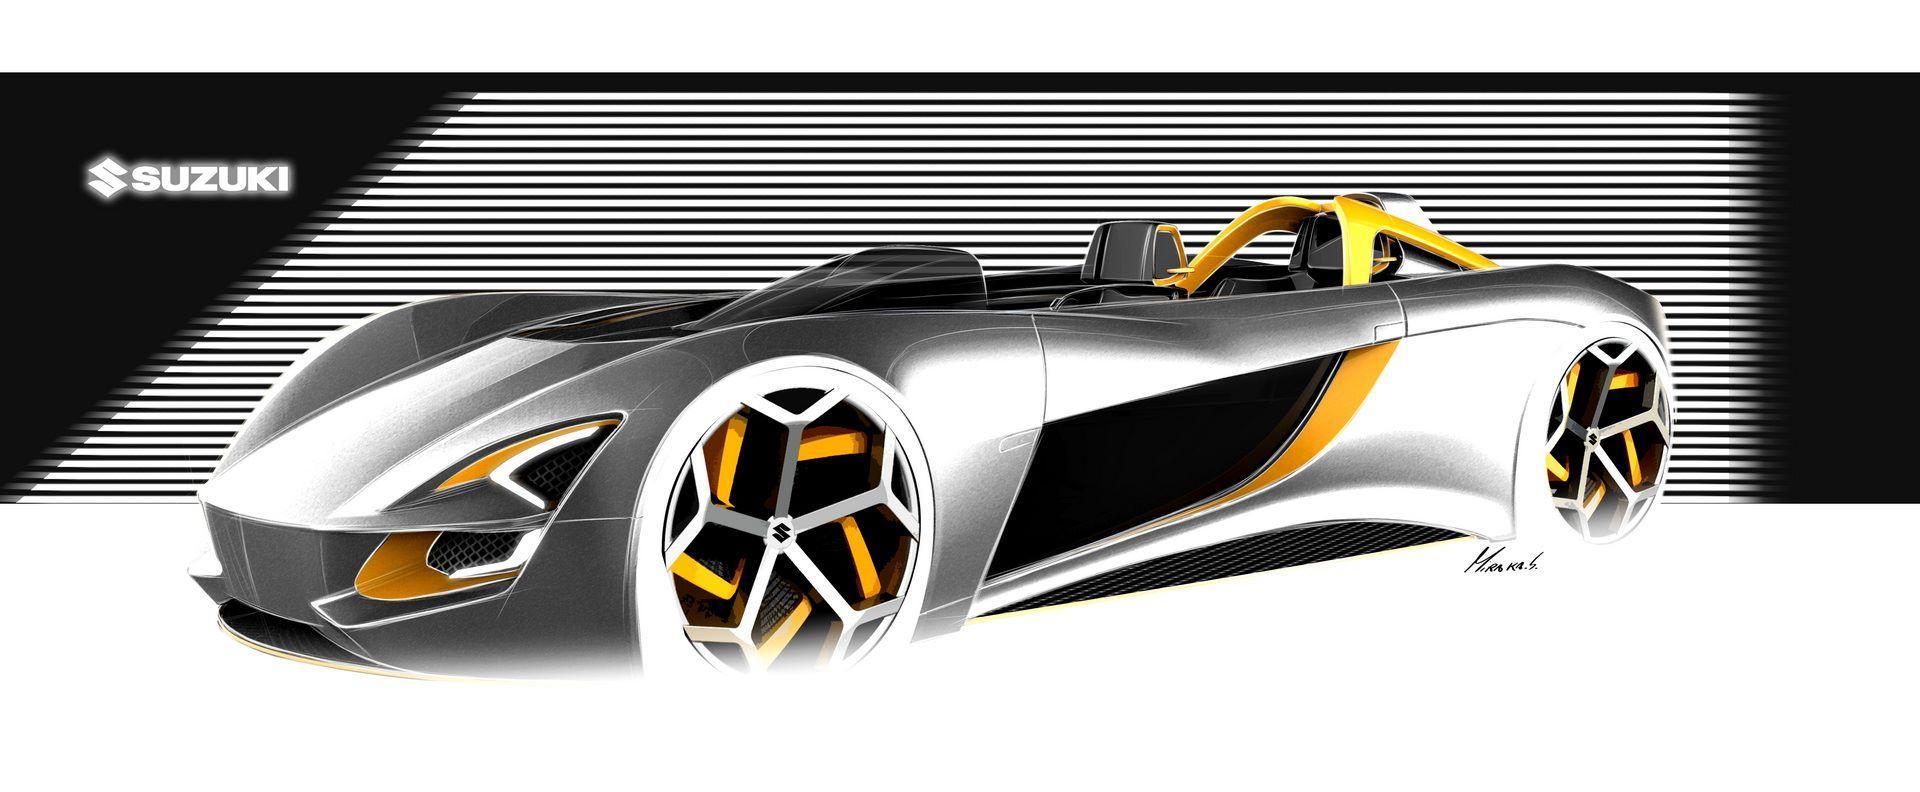 Suzuki-Misano-Concept-IED-22